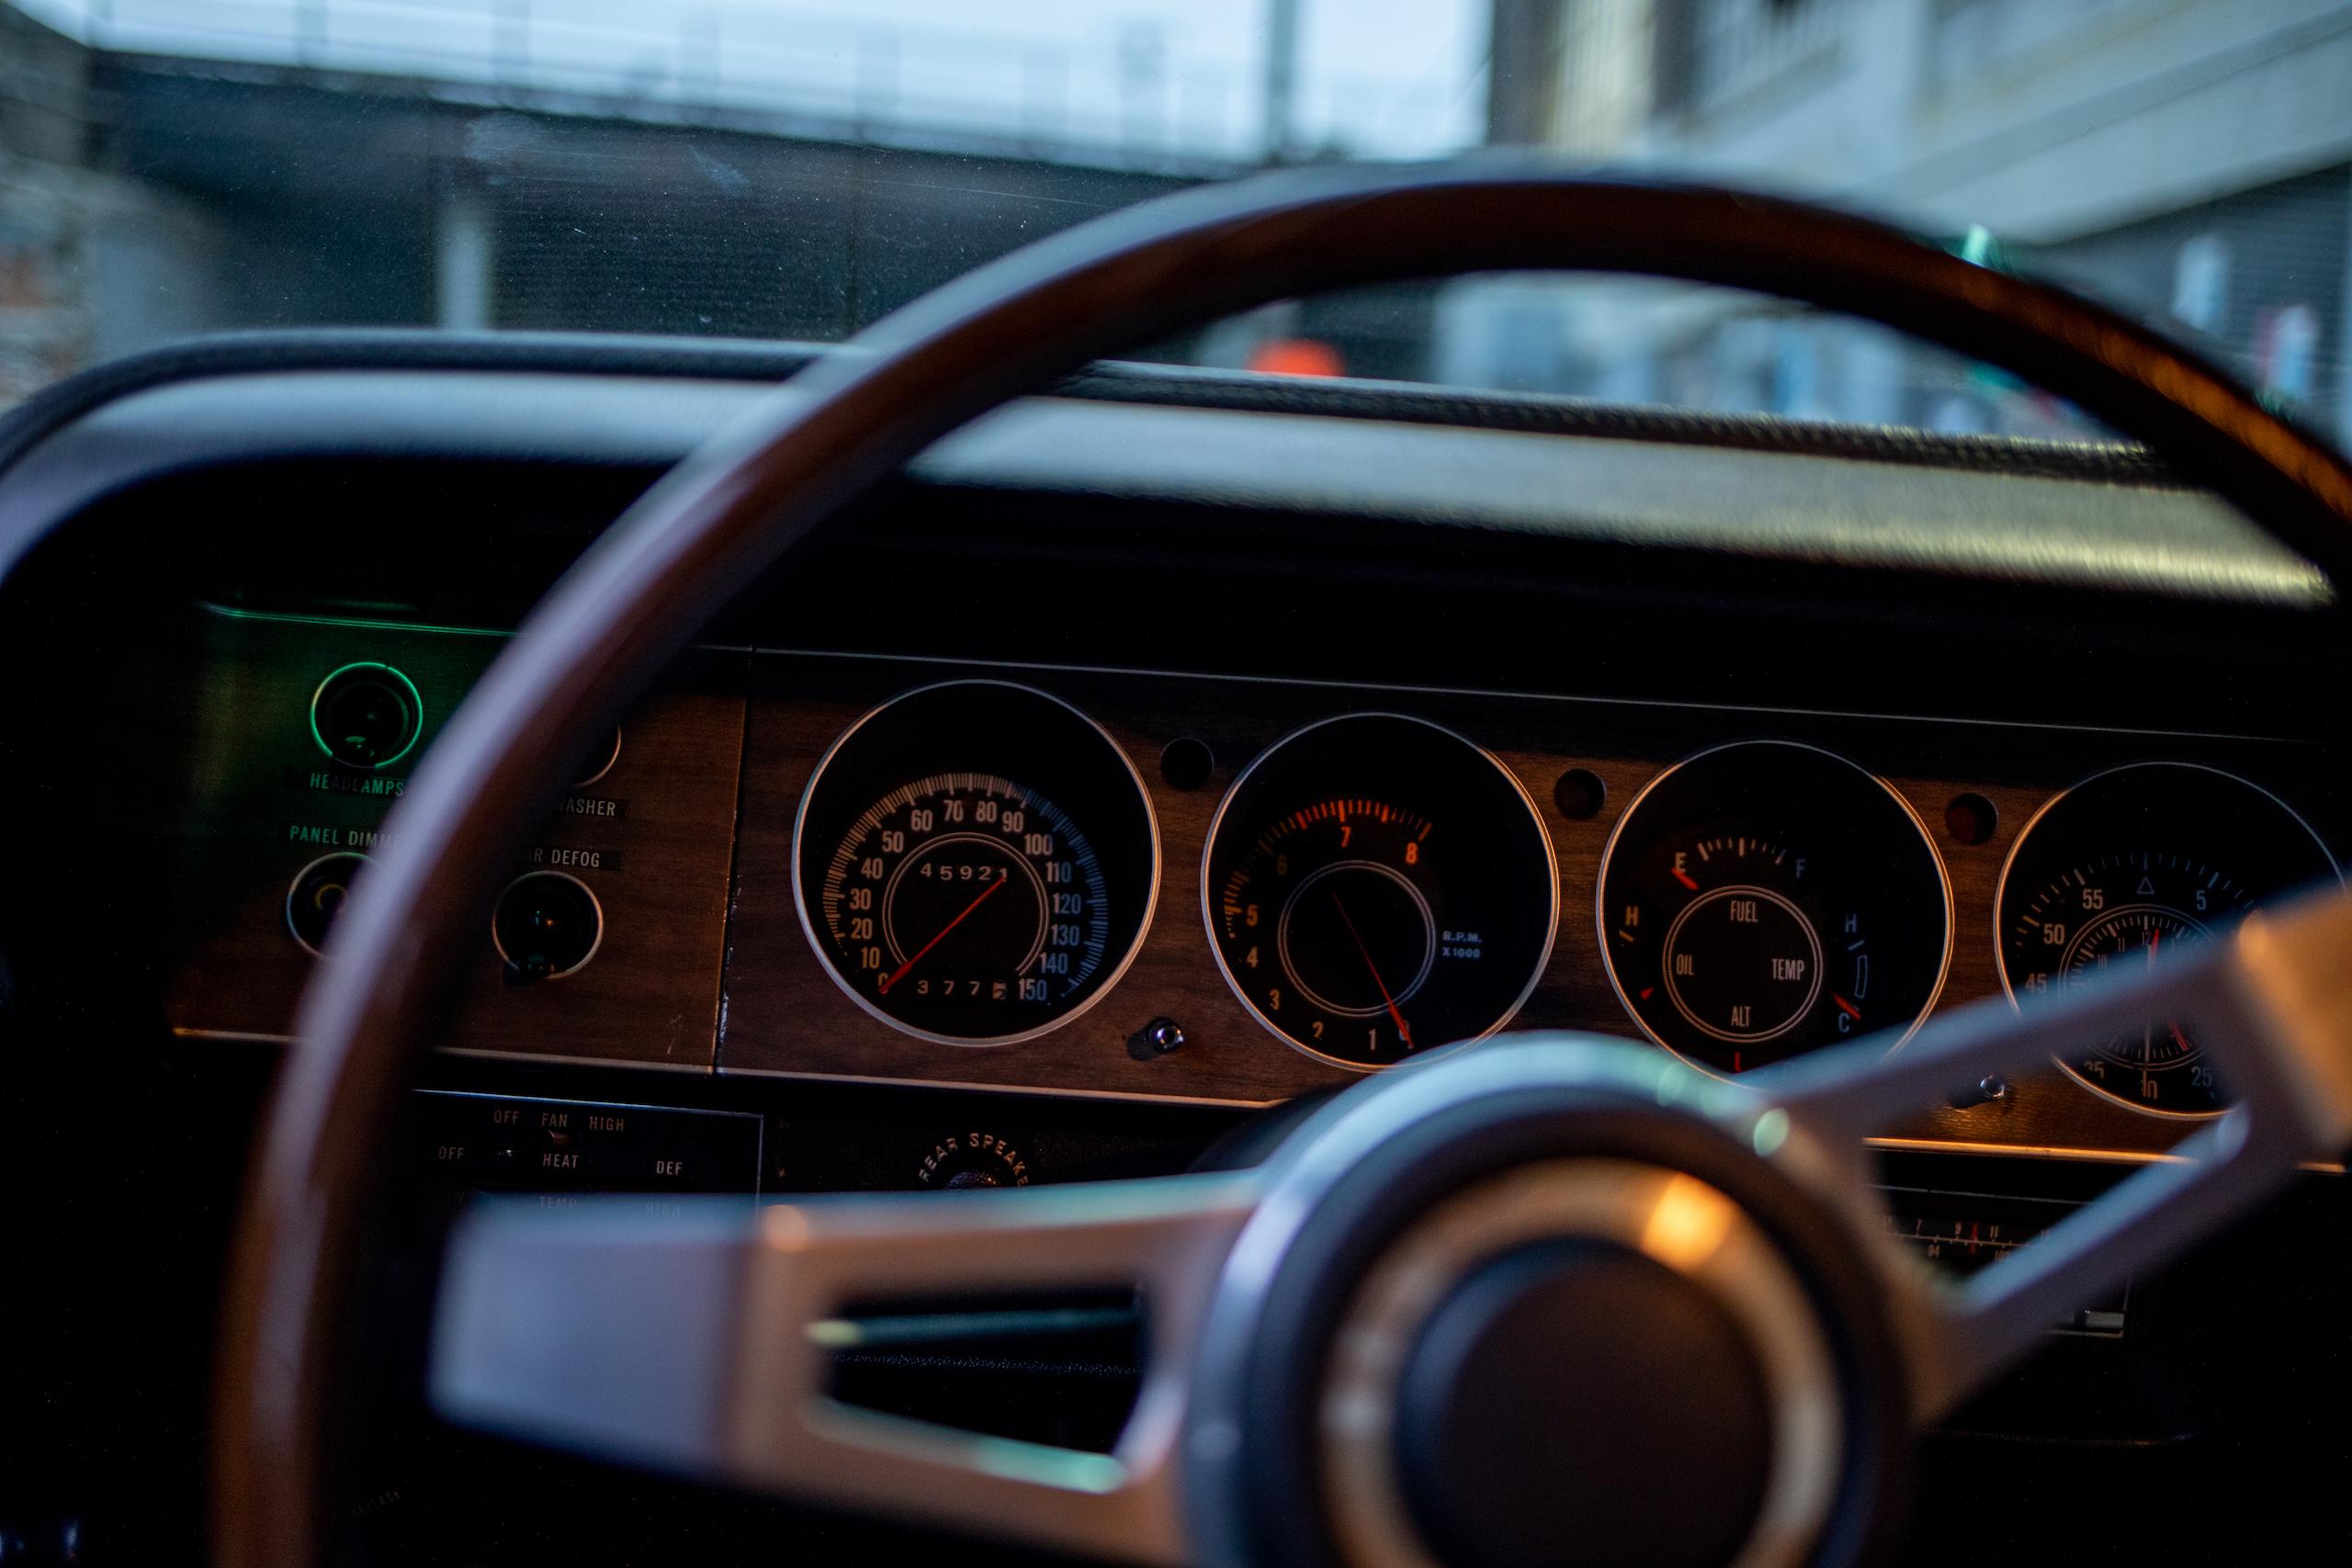 1970 Challenger interior dash